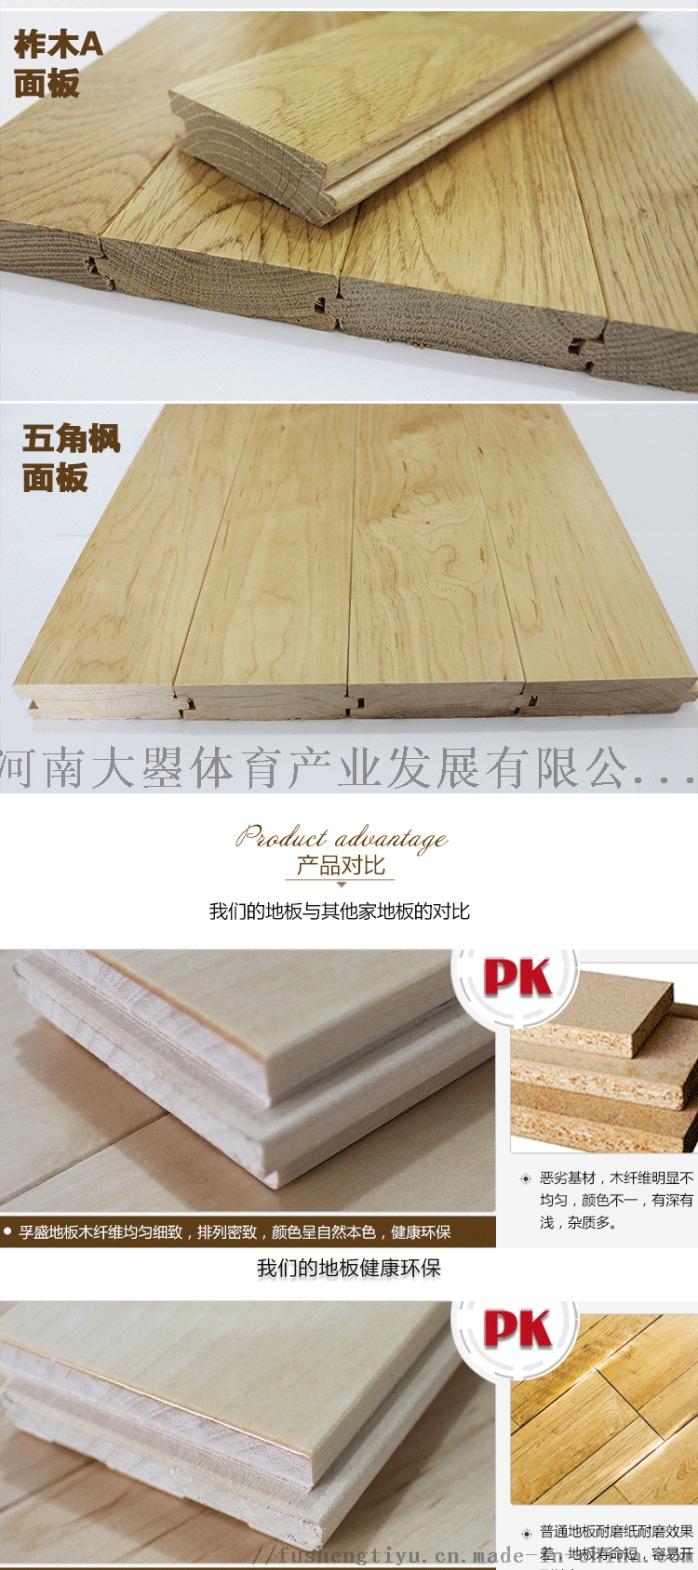 室内篮球馆运动木地板厂家直销103055902